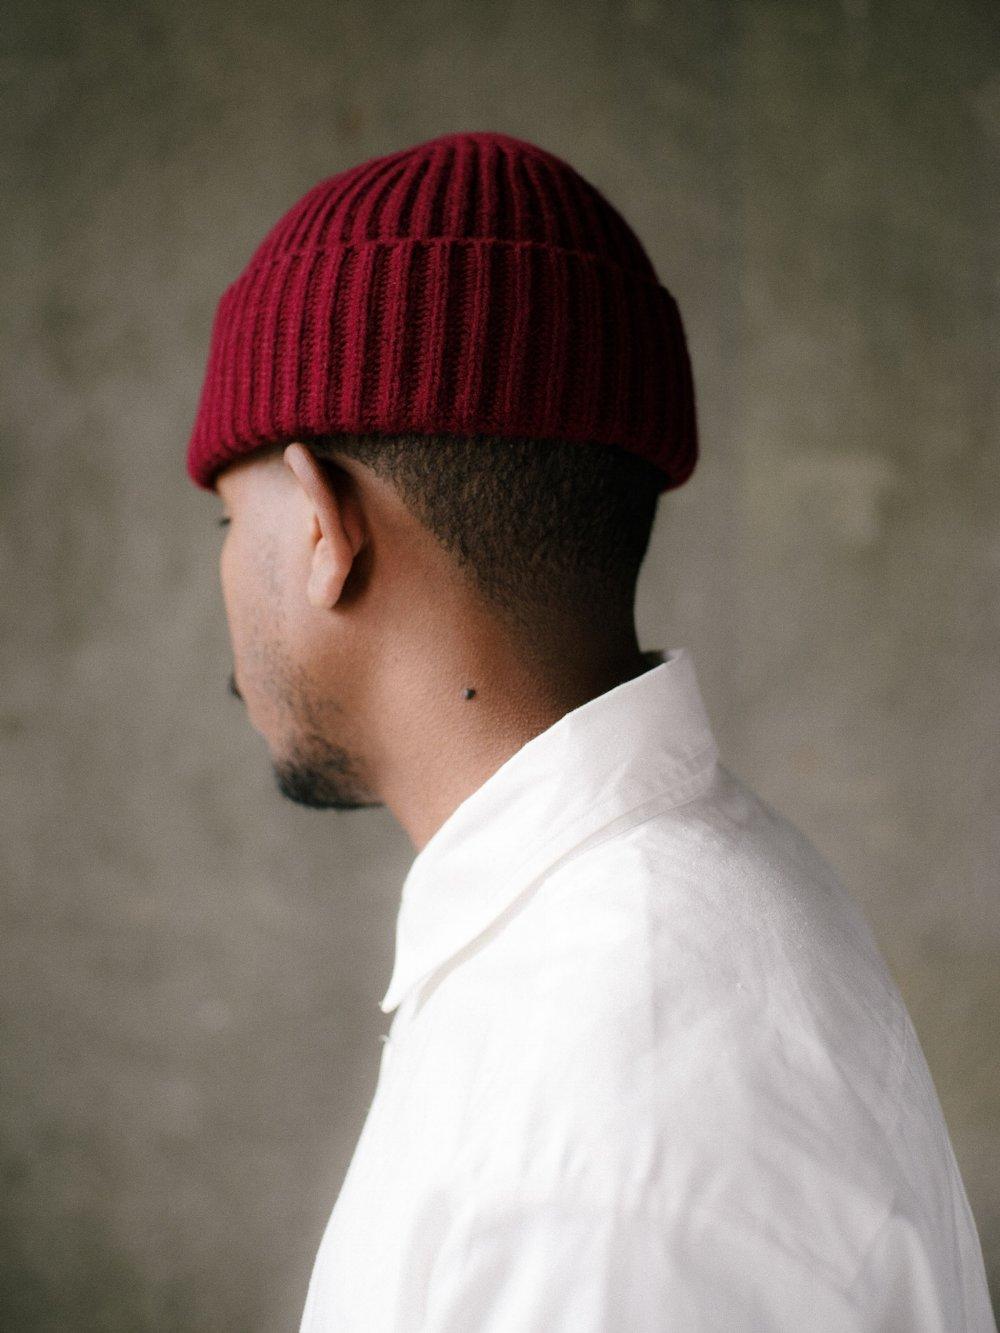 evan-kinori-knit-hat-red-3